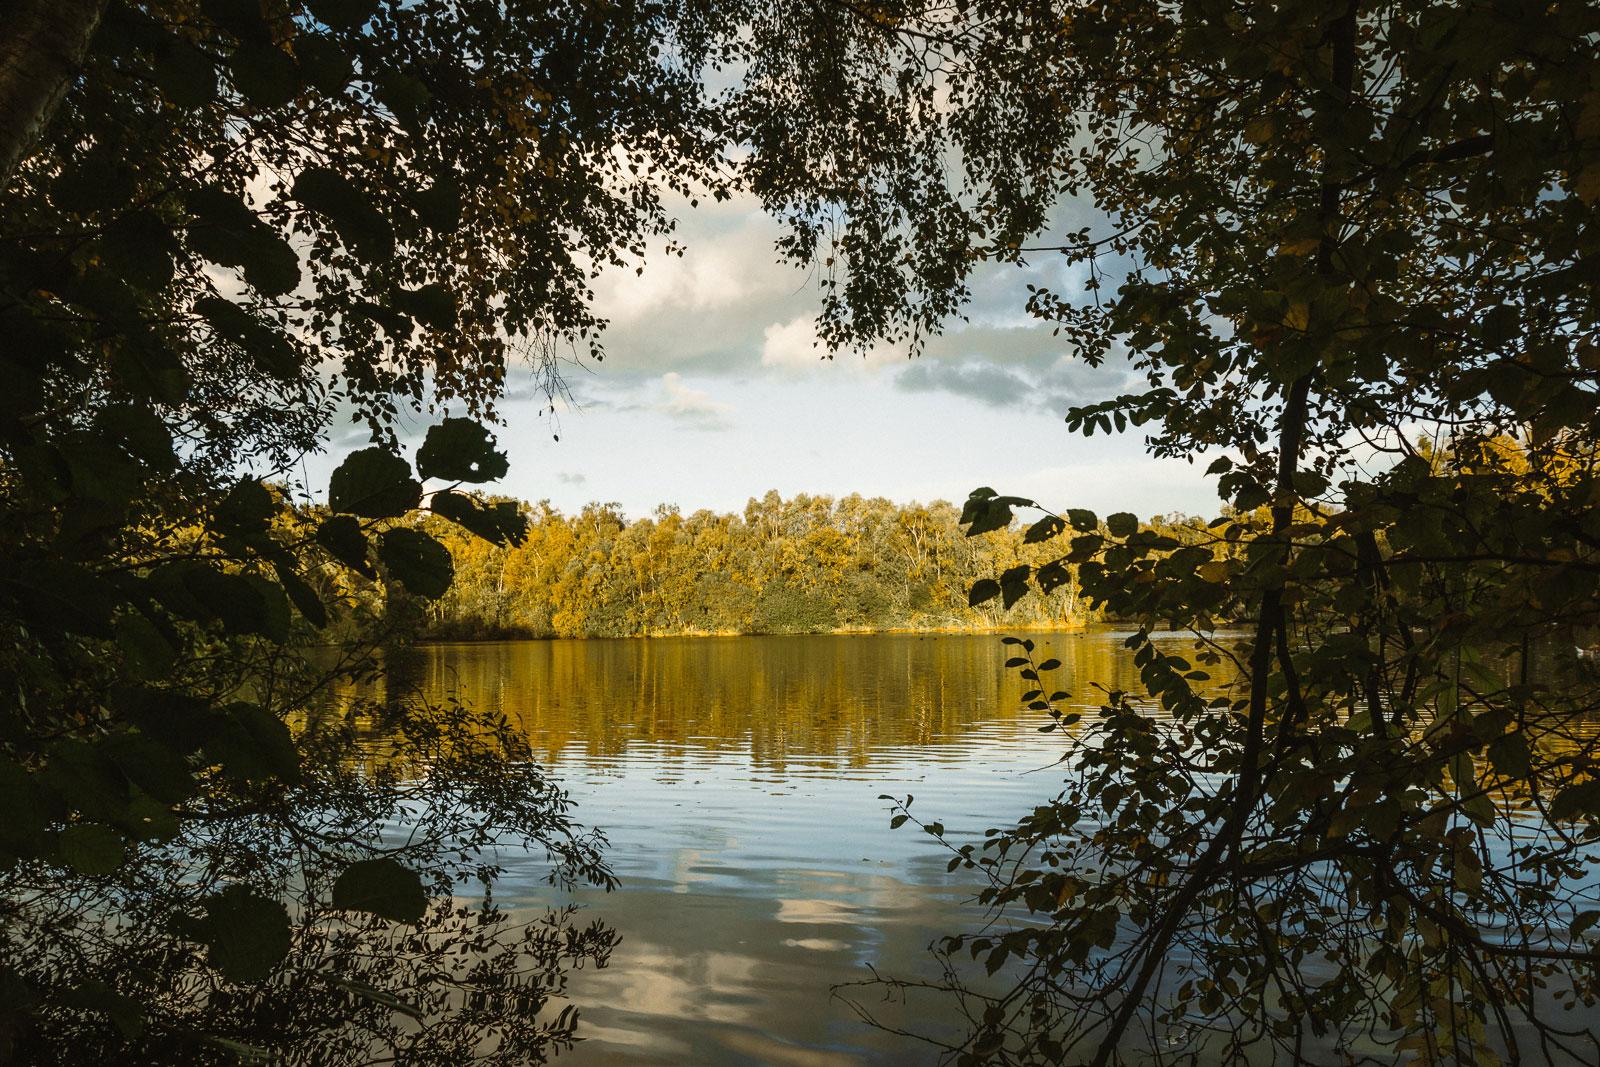 Water Reservoir in Holme Fen behind trees